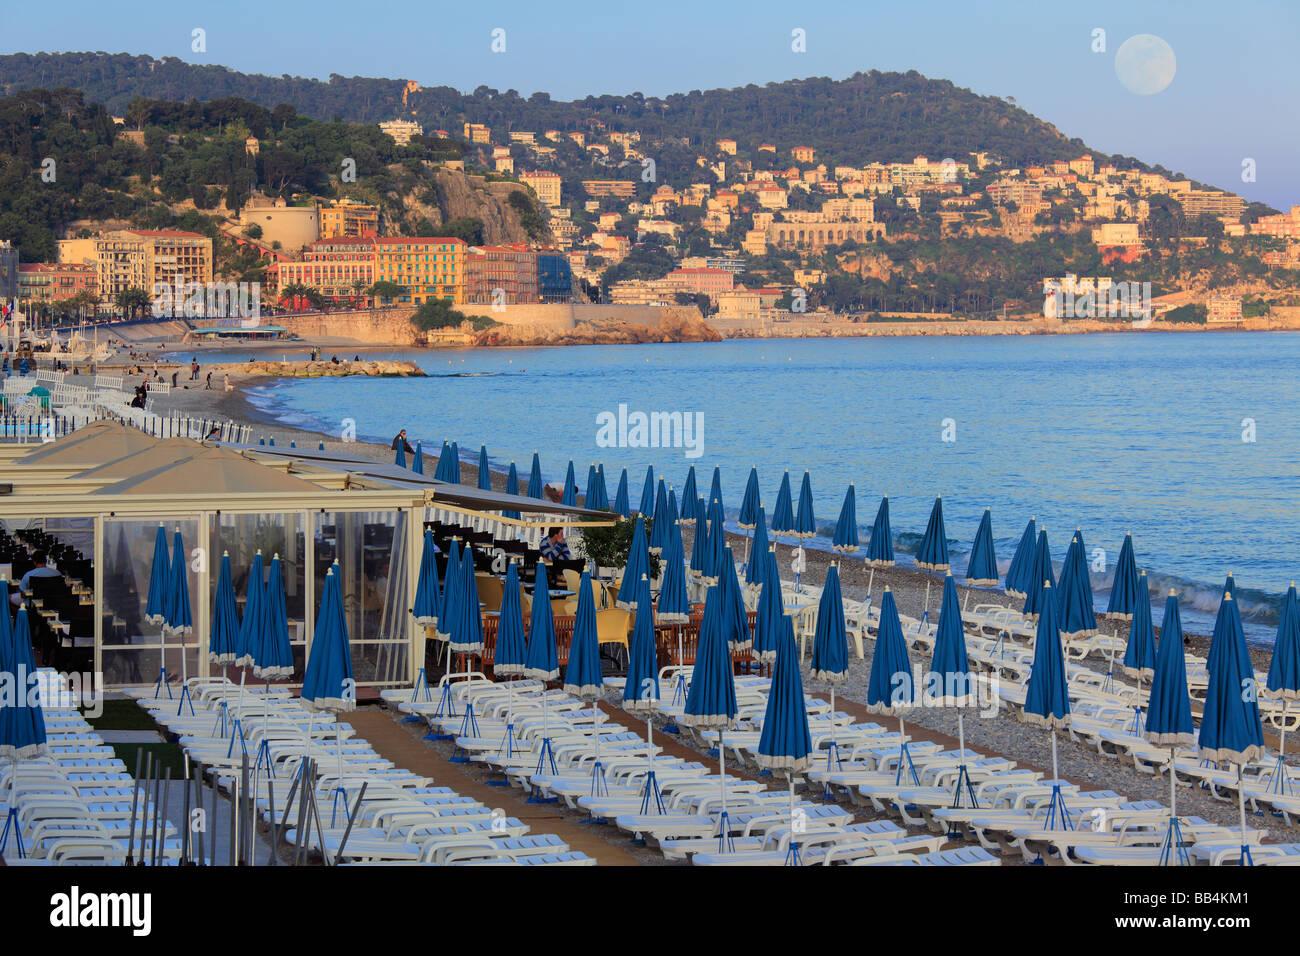 Spiaggia lungo la Promenade Des Anglais street a Nizza, in Francia sulla Riviera Francese, come la luna piena è Immagini Stock